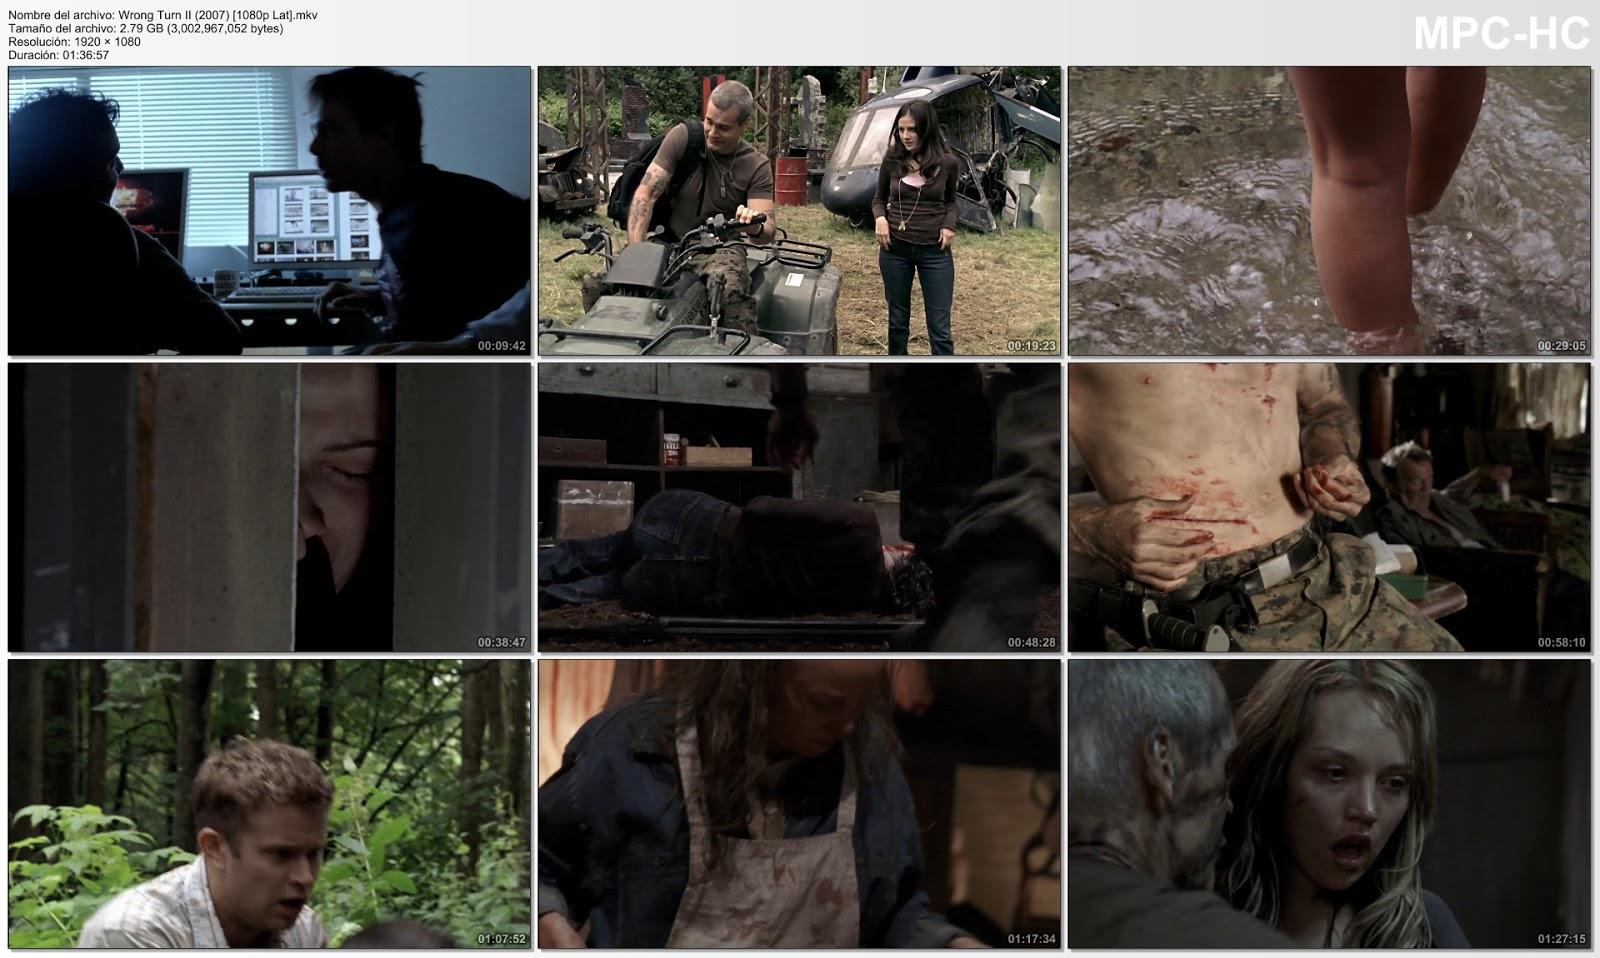 Wrong Turn II (2007)|1080p|Español Latino